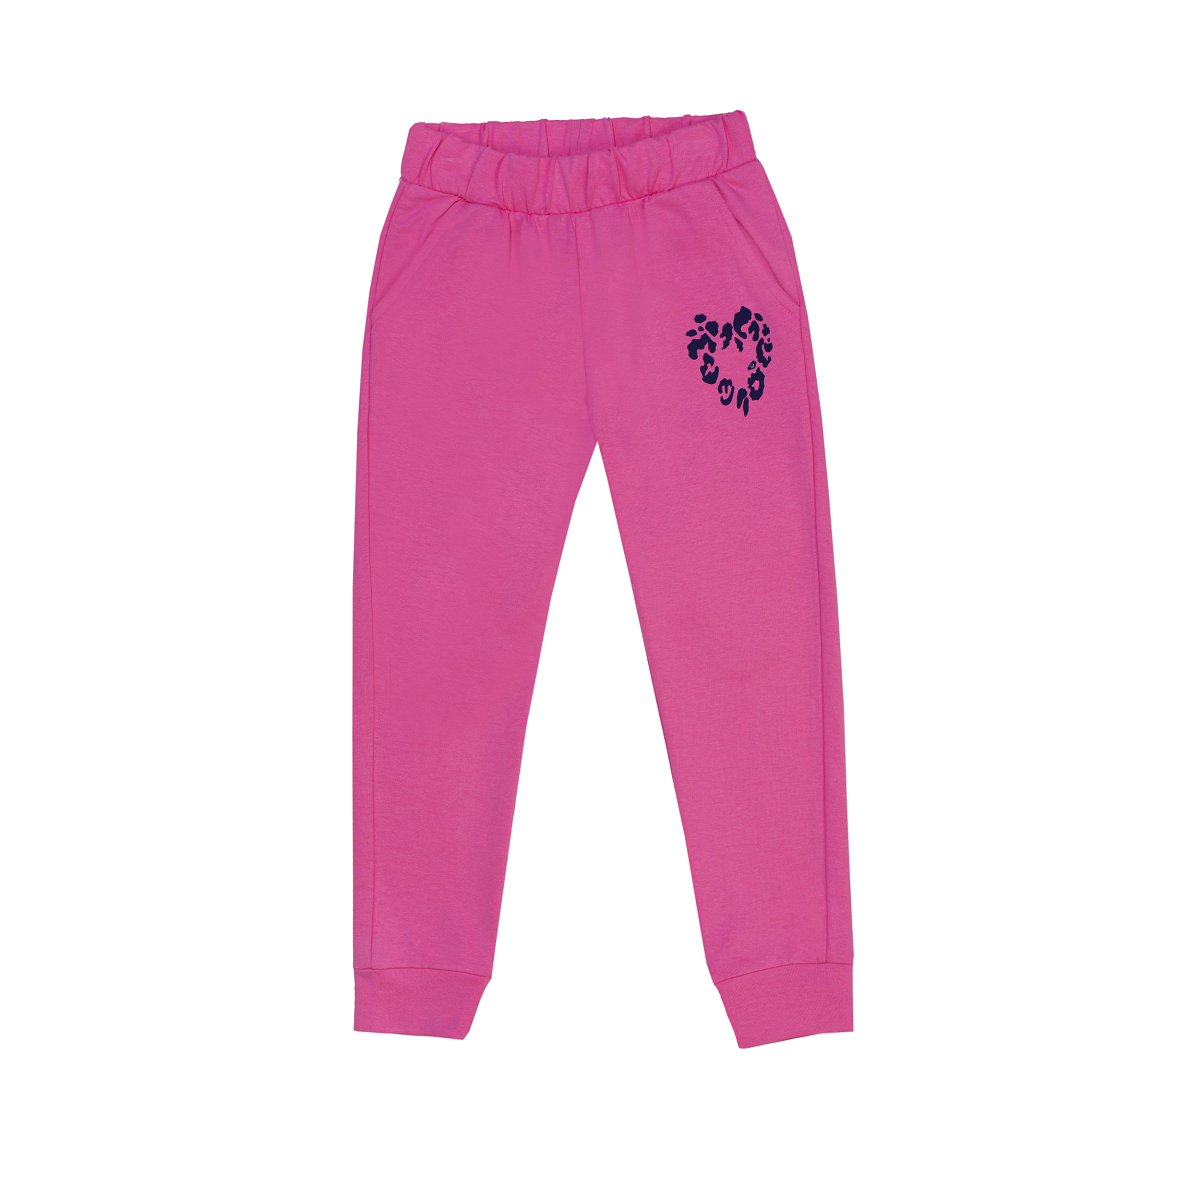 Dekliške hlače, roza